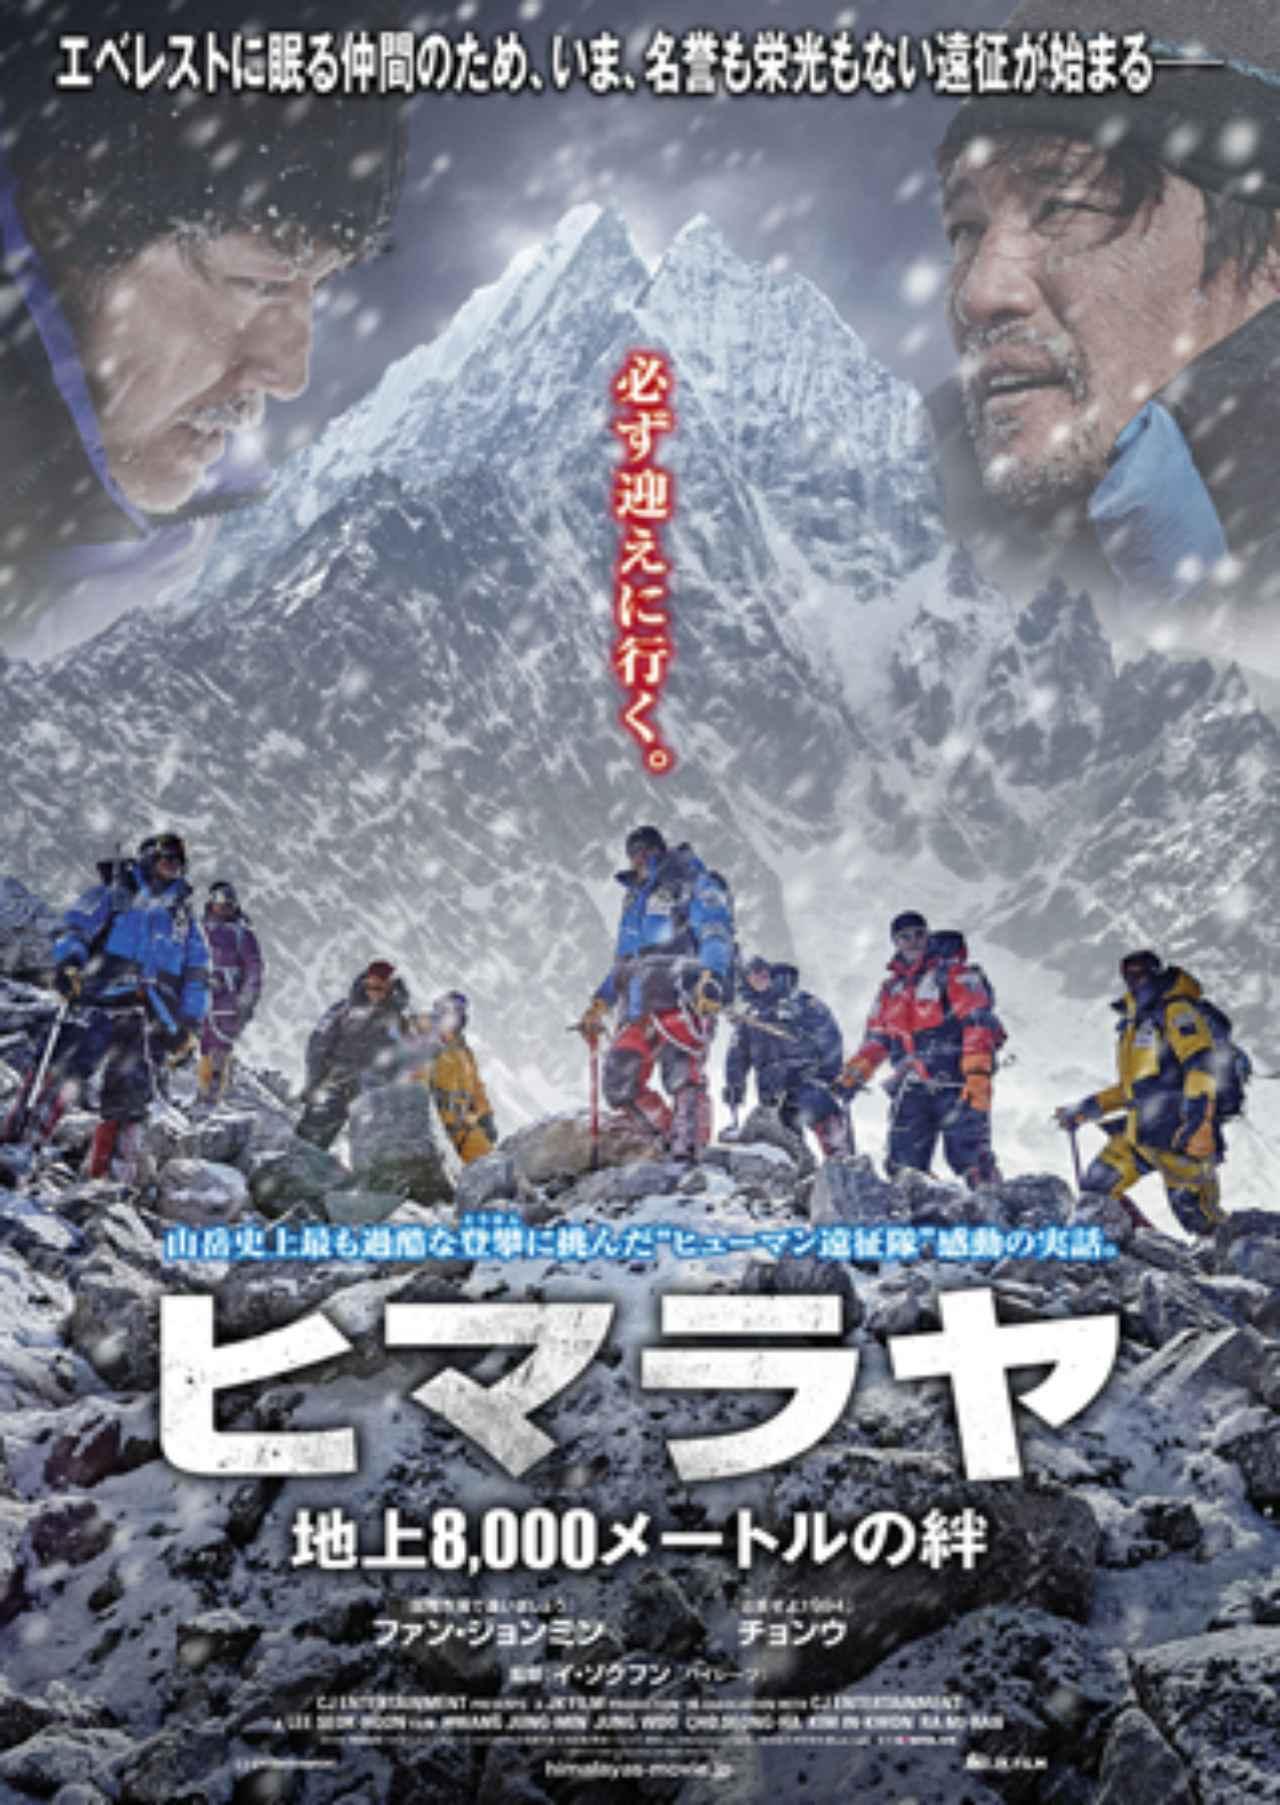 画像: ファン・ジョンミン主演「ヒマラヤ~地上8,000メートルの絆~」日本公開決定&ビジュアル解禁-韓国映画